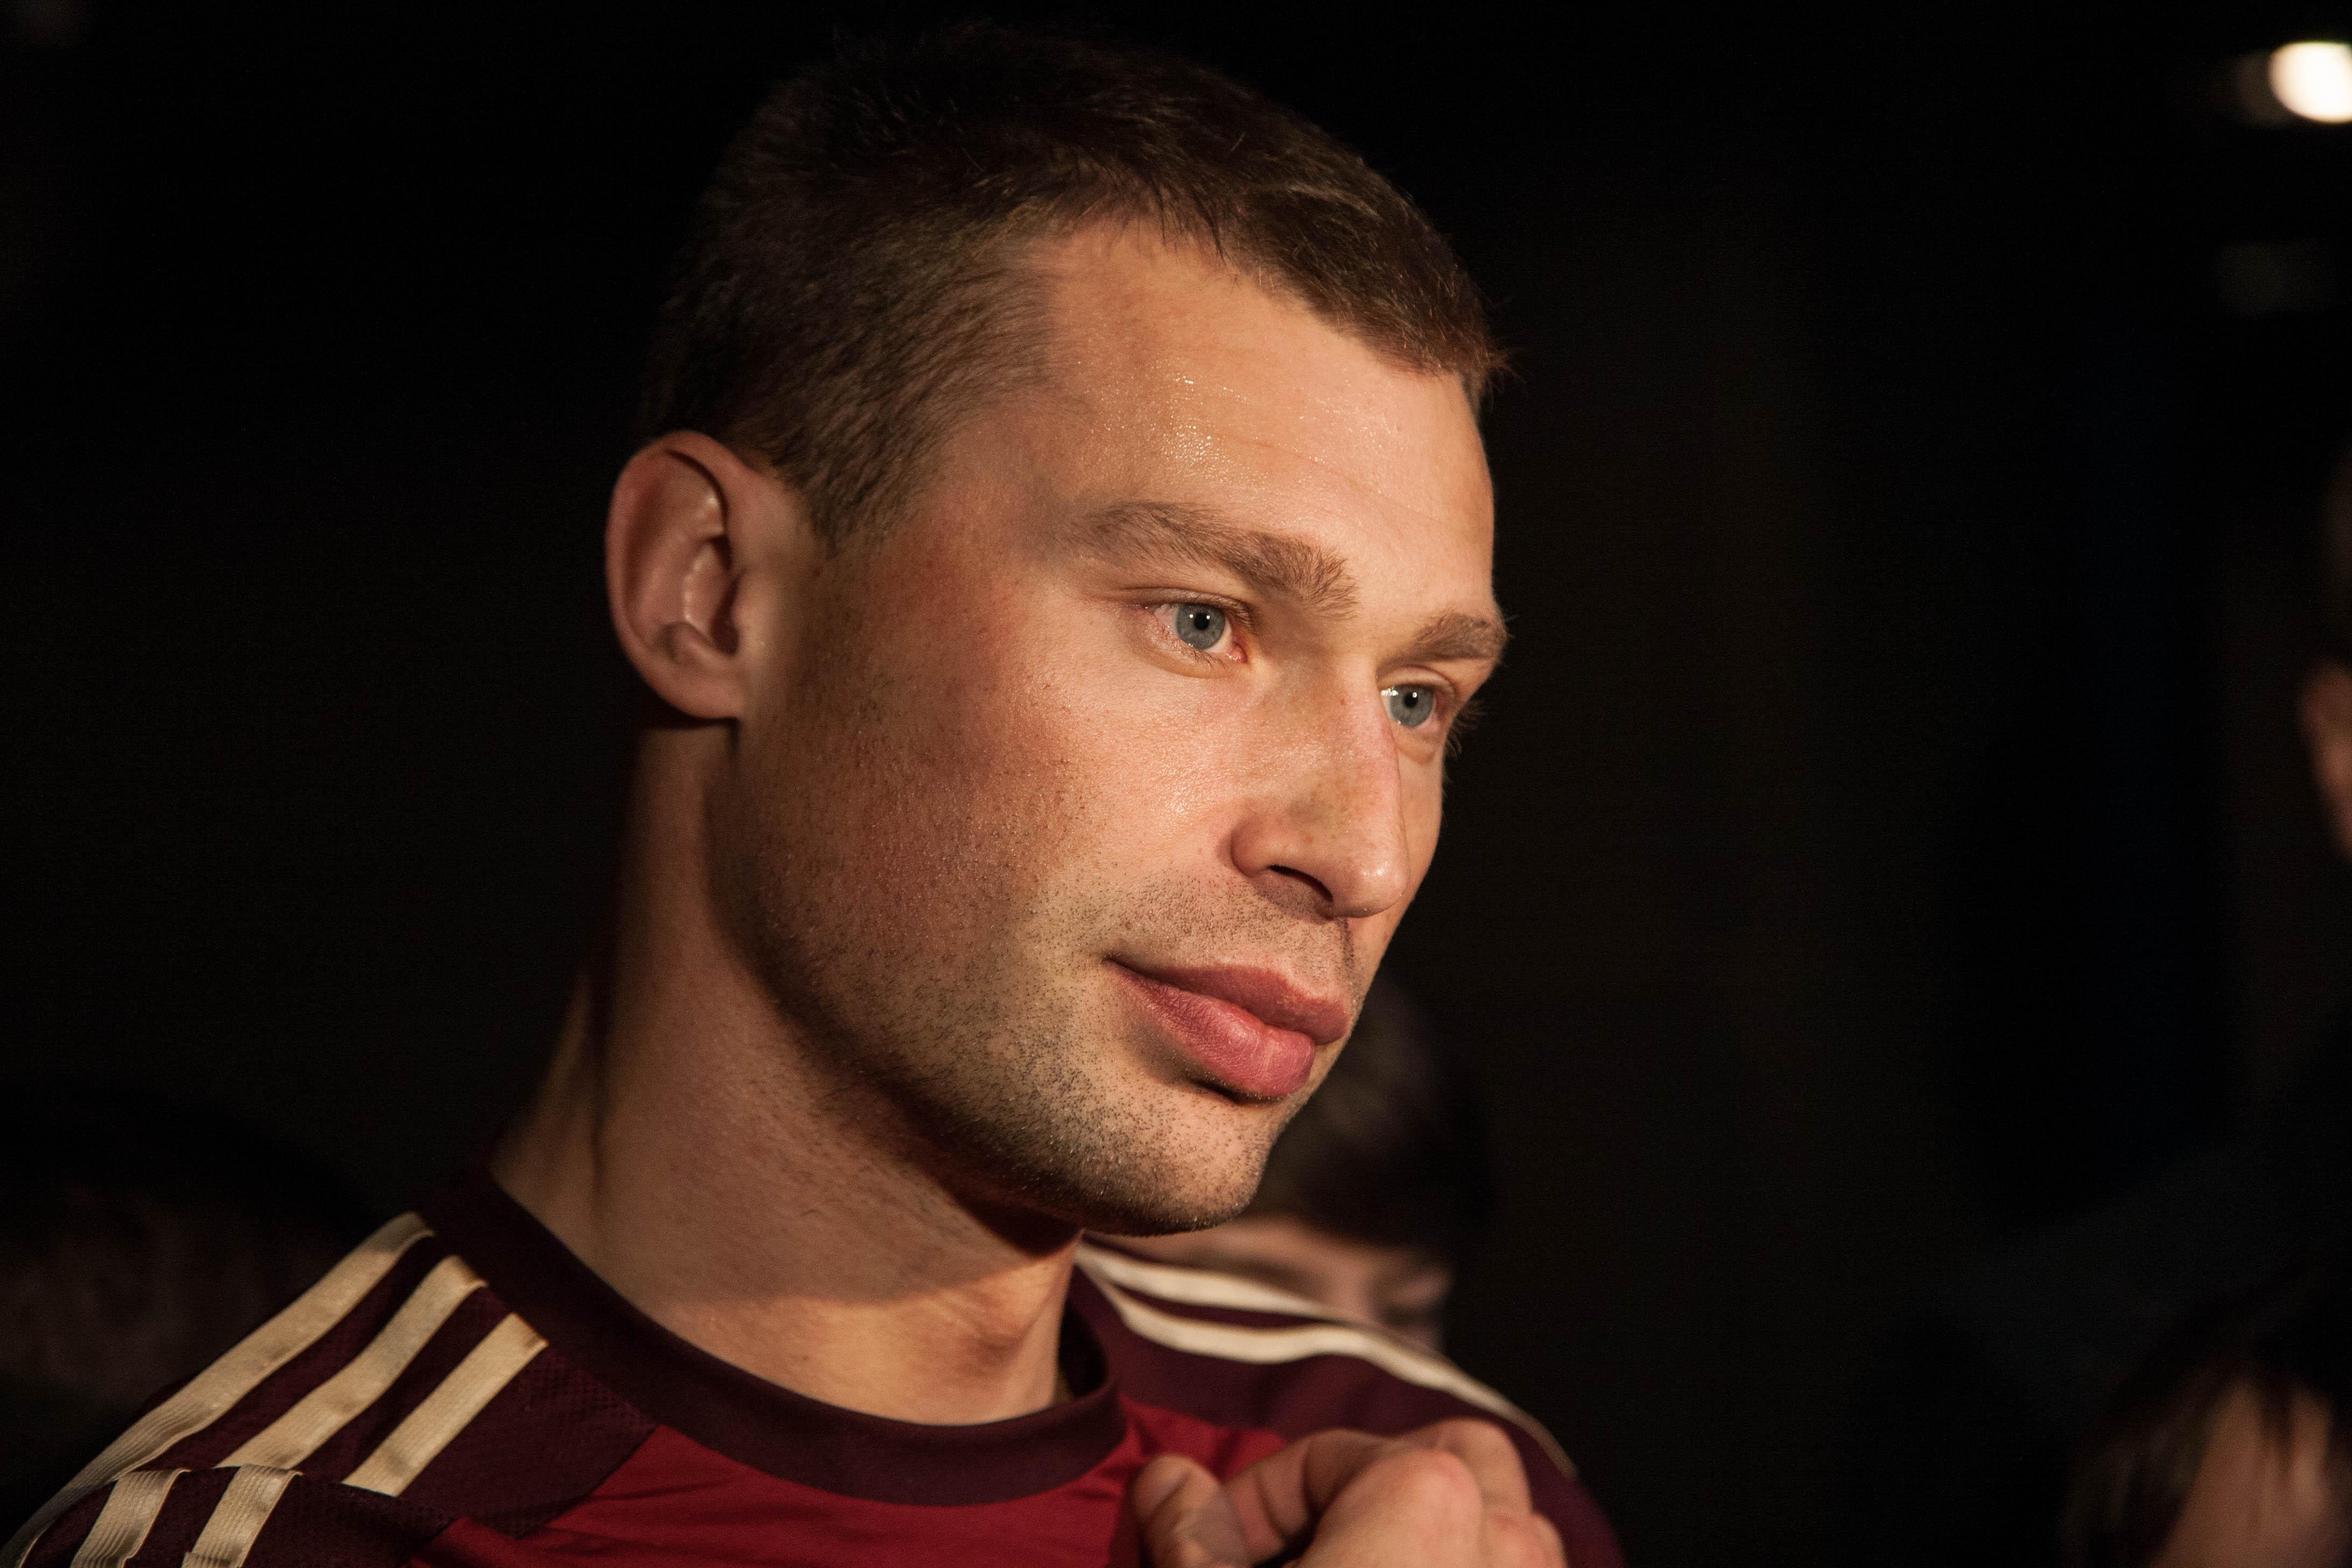 Василий Березуцкий: «На чемпионате мира сборная России будет «темной лошадкой»